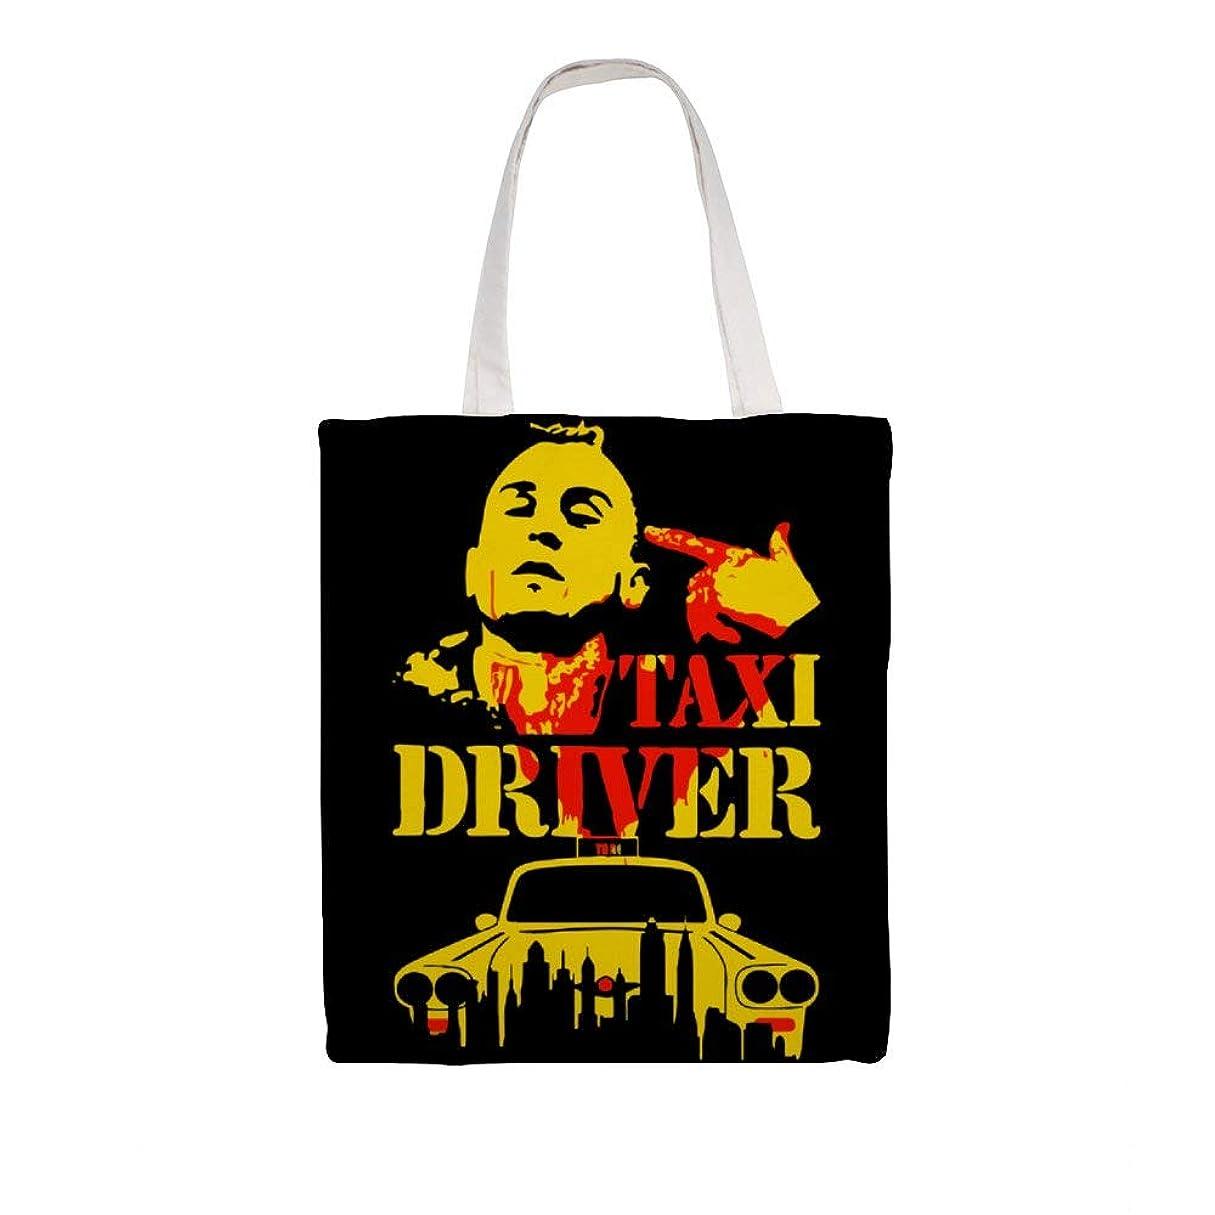 テントバルブ呼び出すズックバッグ トートバッグ 手提げ袋 大容量 ショルダー 買い物 旅行 質感 収納便利 耐久性 人気 おしゃれ 軽量 鞄 Taxi Driver 38*41cm